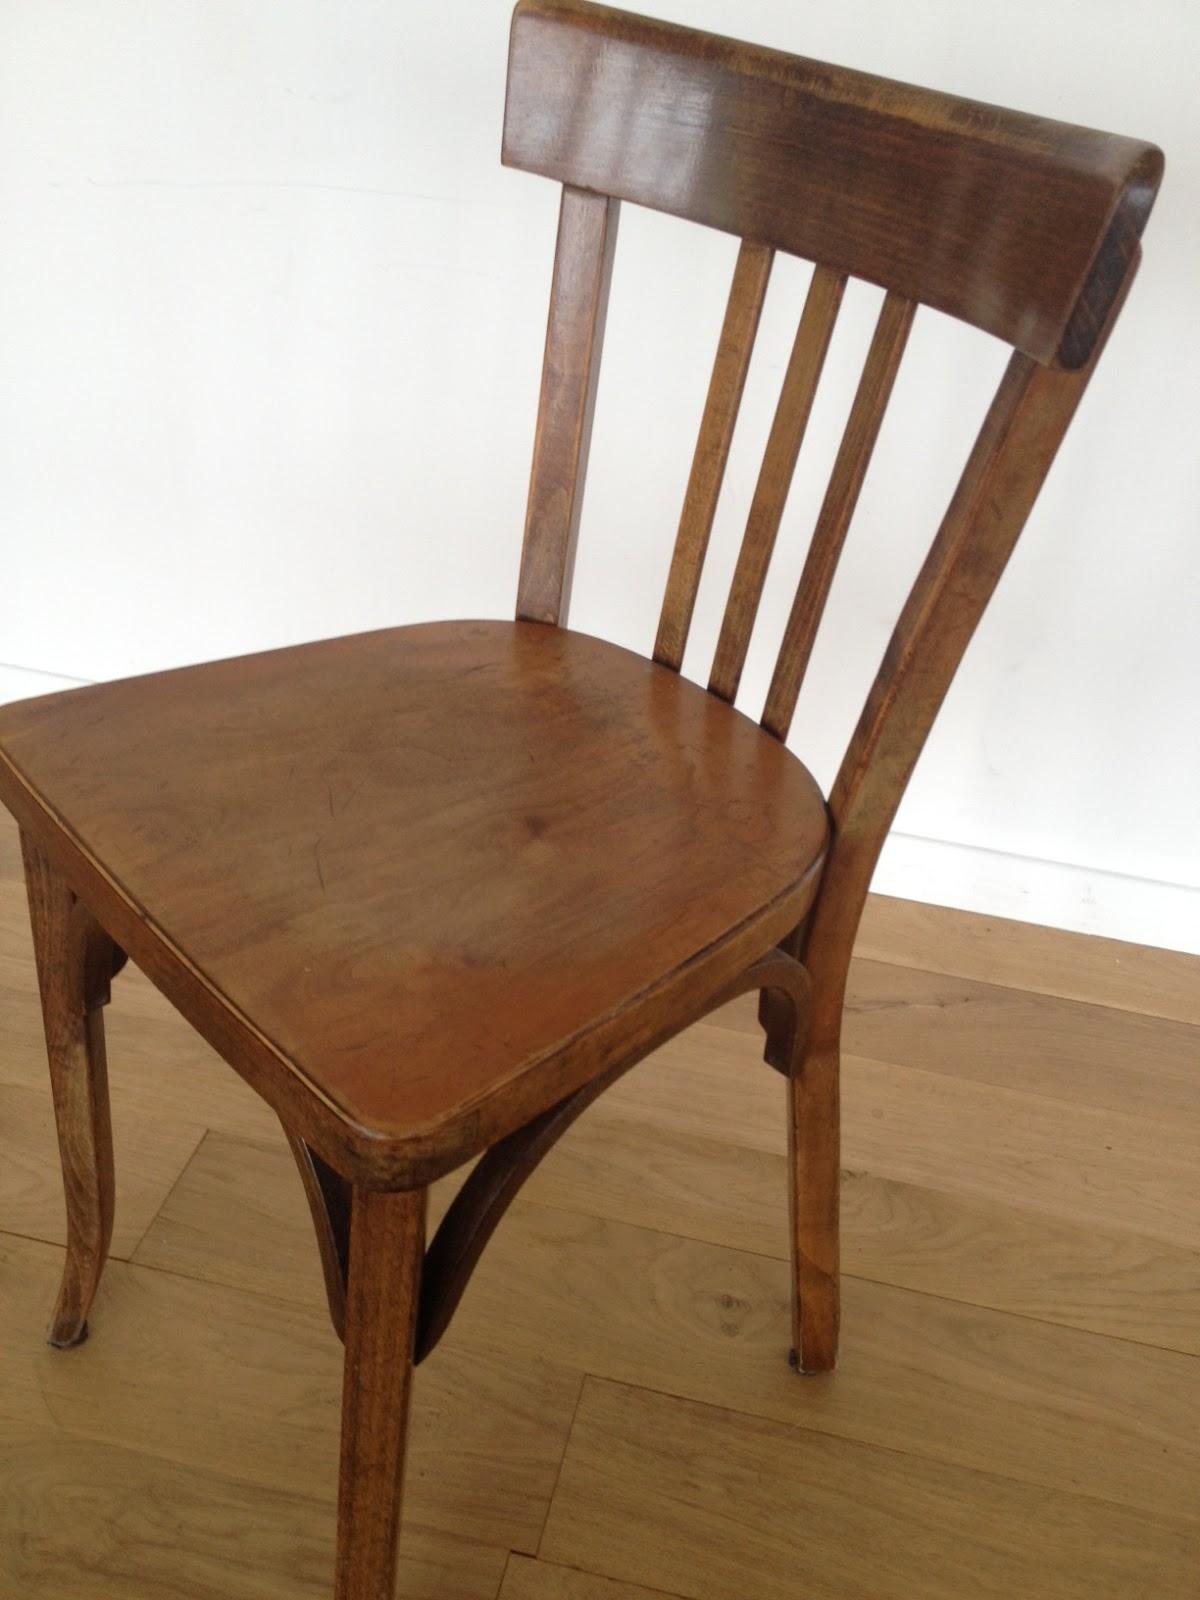 brocandesign chaise de bistrot baumann. Black Bedroom Furniture Sets. Home Design Ideas